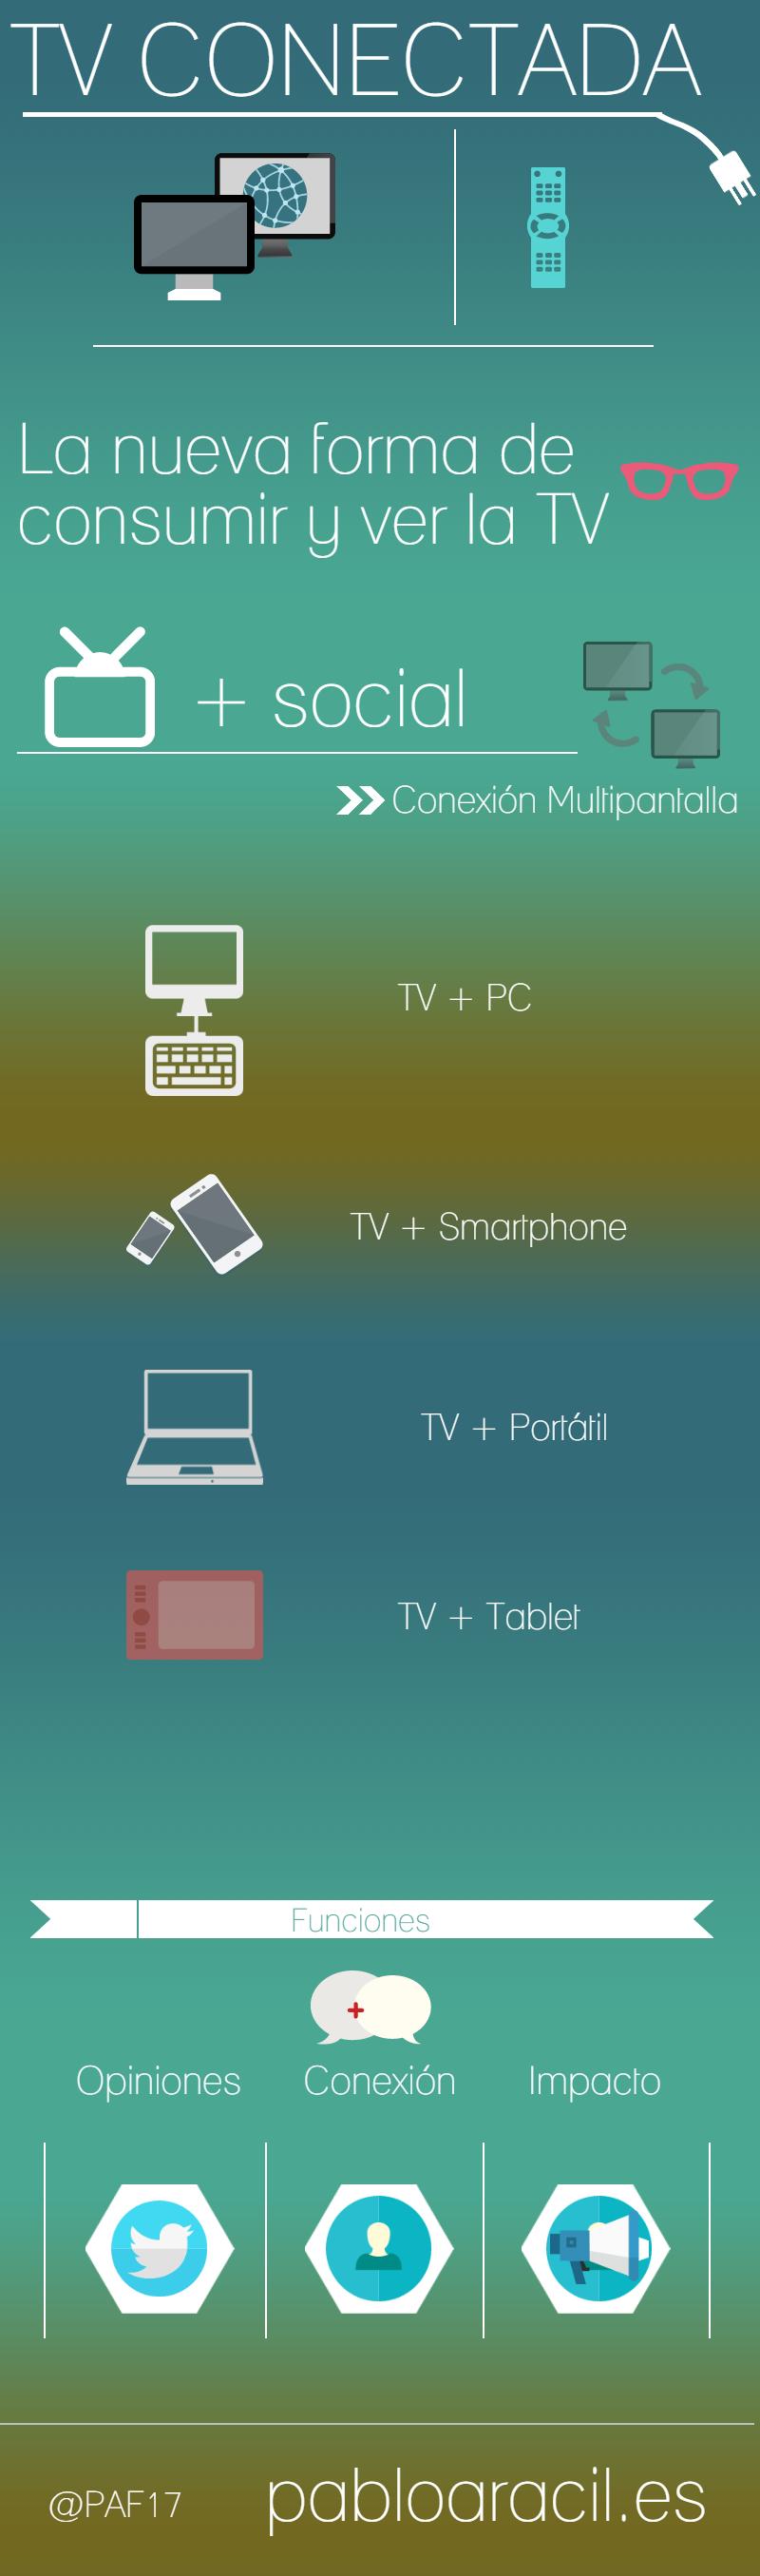 Infografía TV conectada